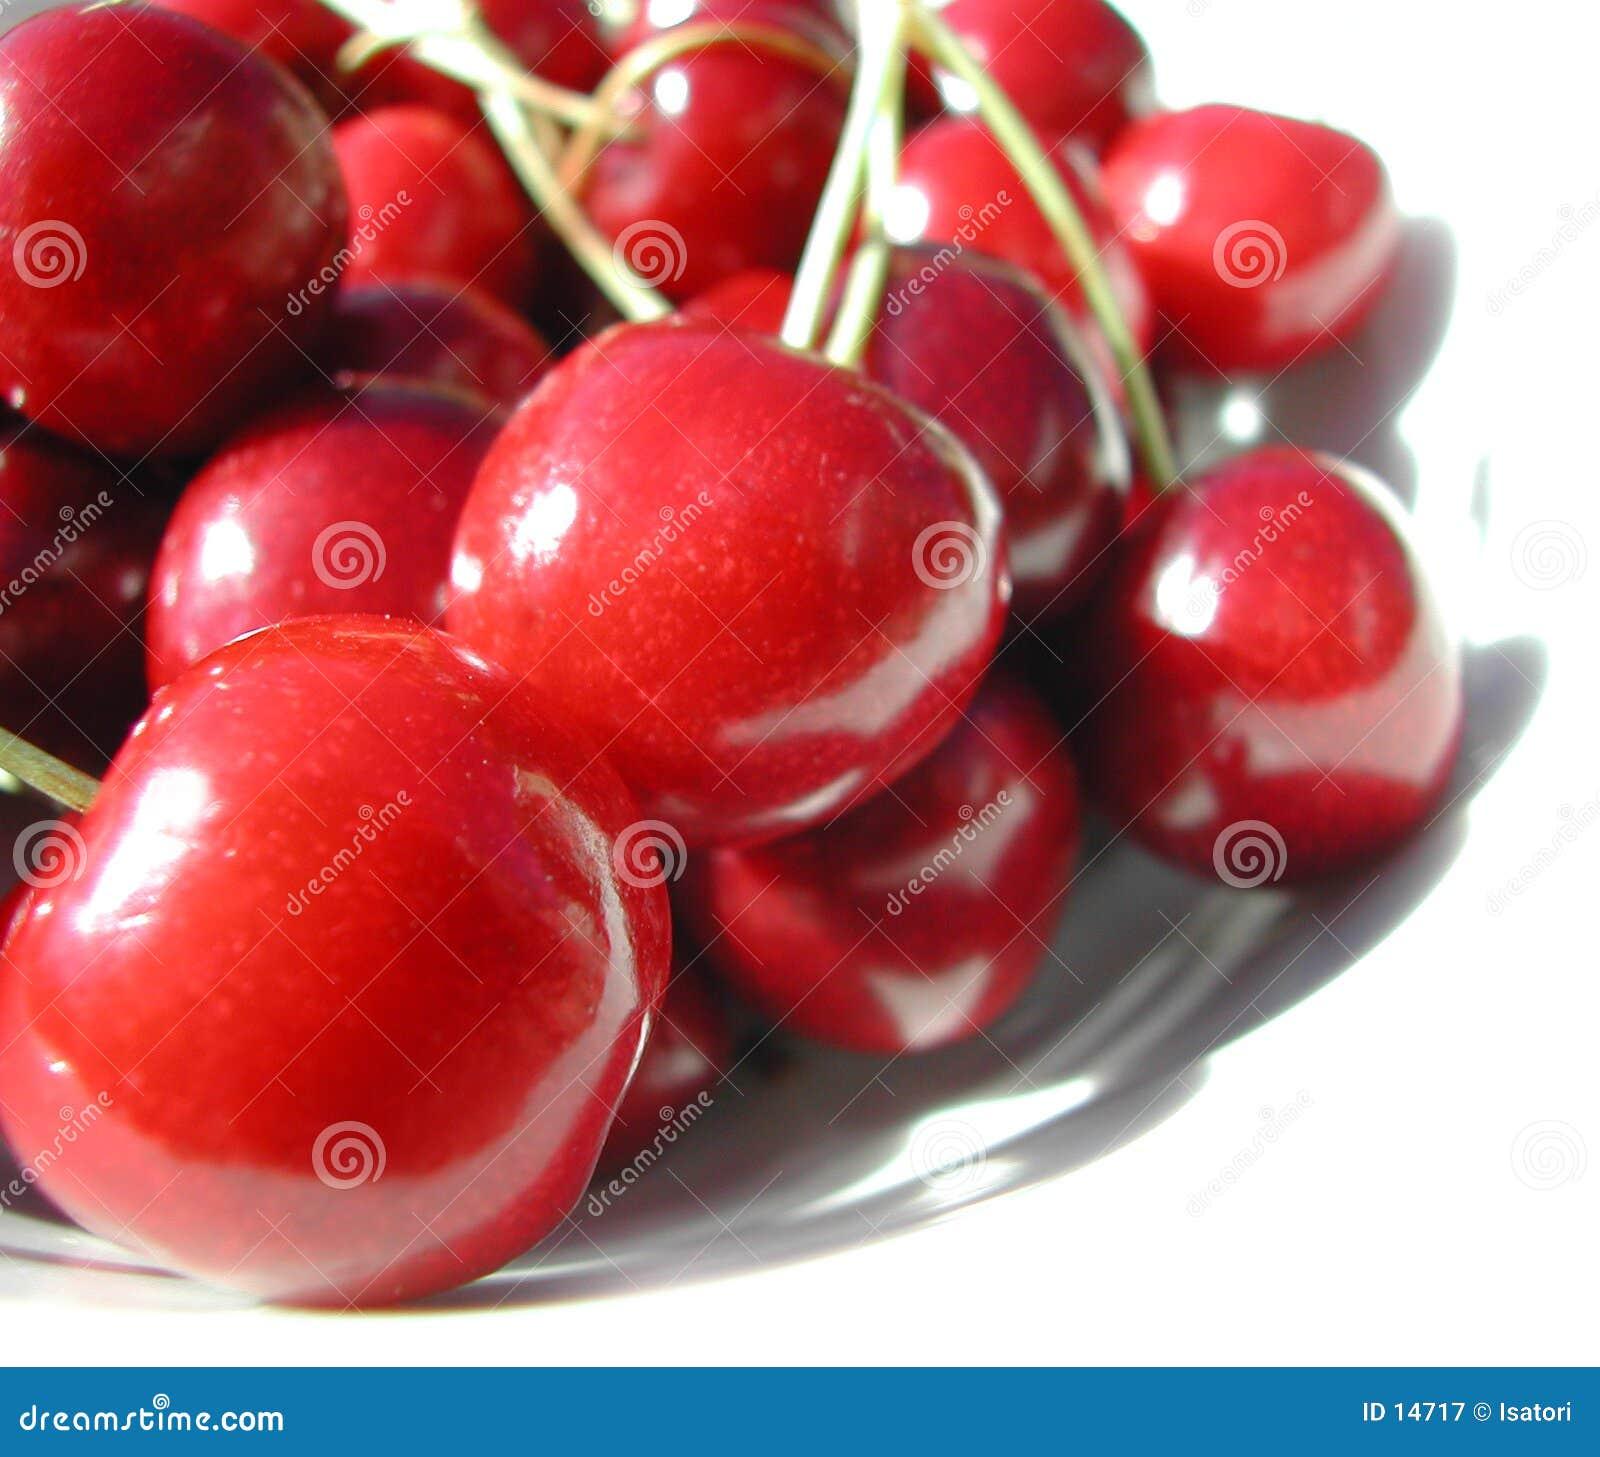 Wiśnie matrycują czerwony